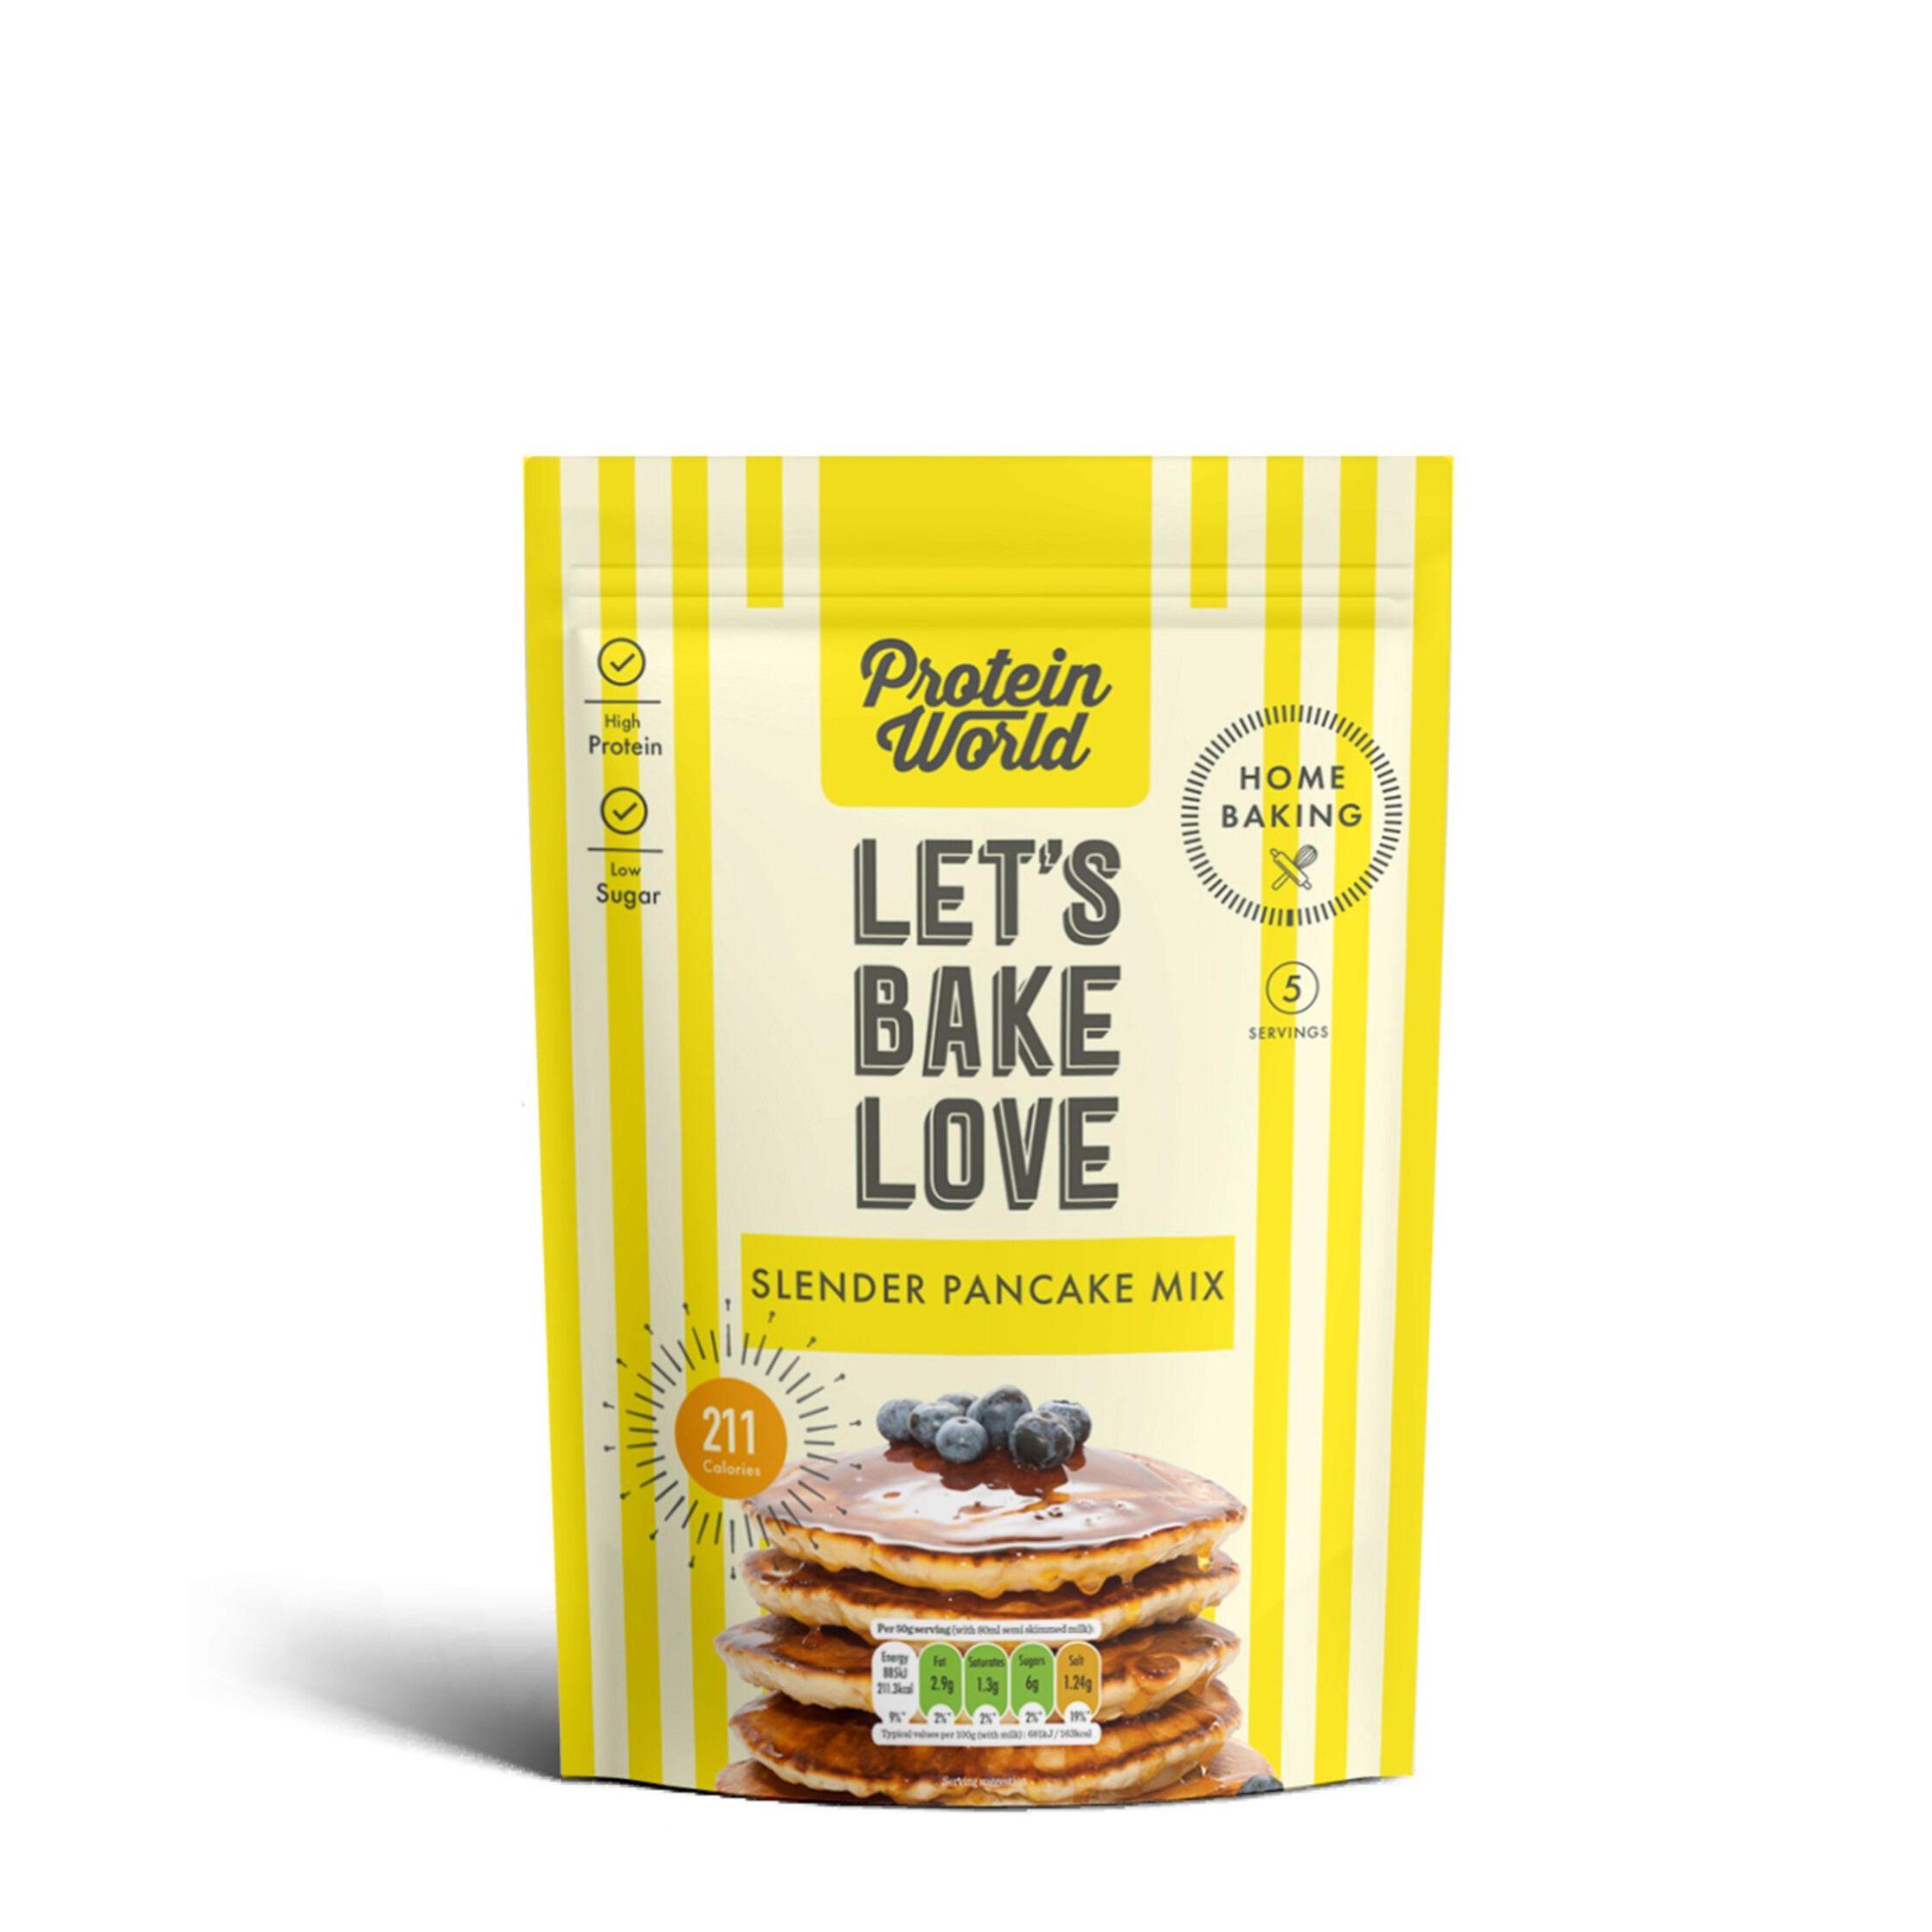 Slender pancakes